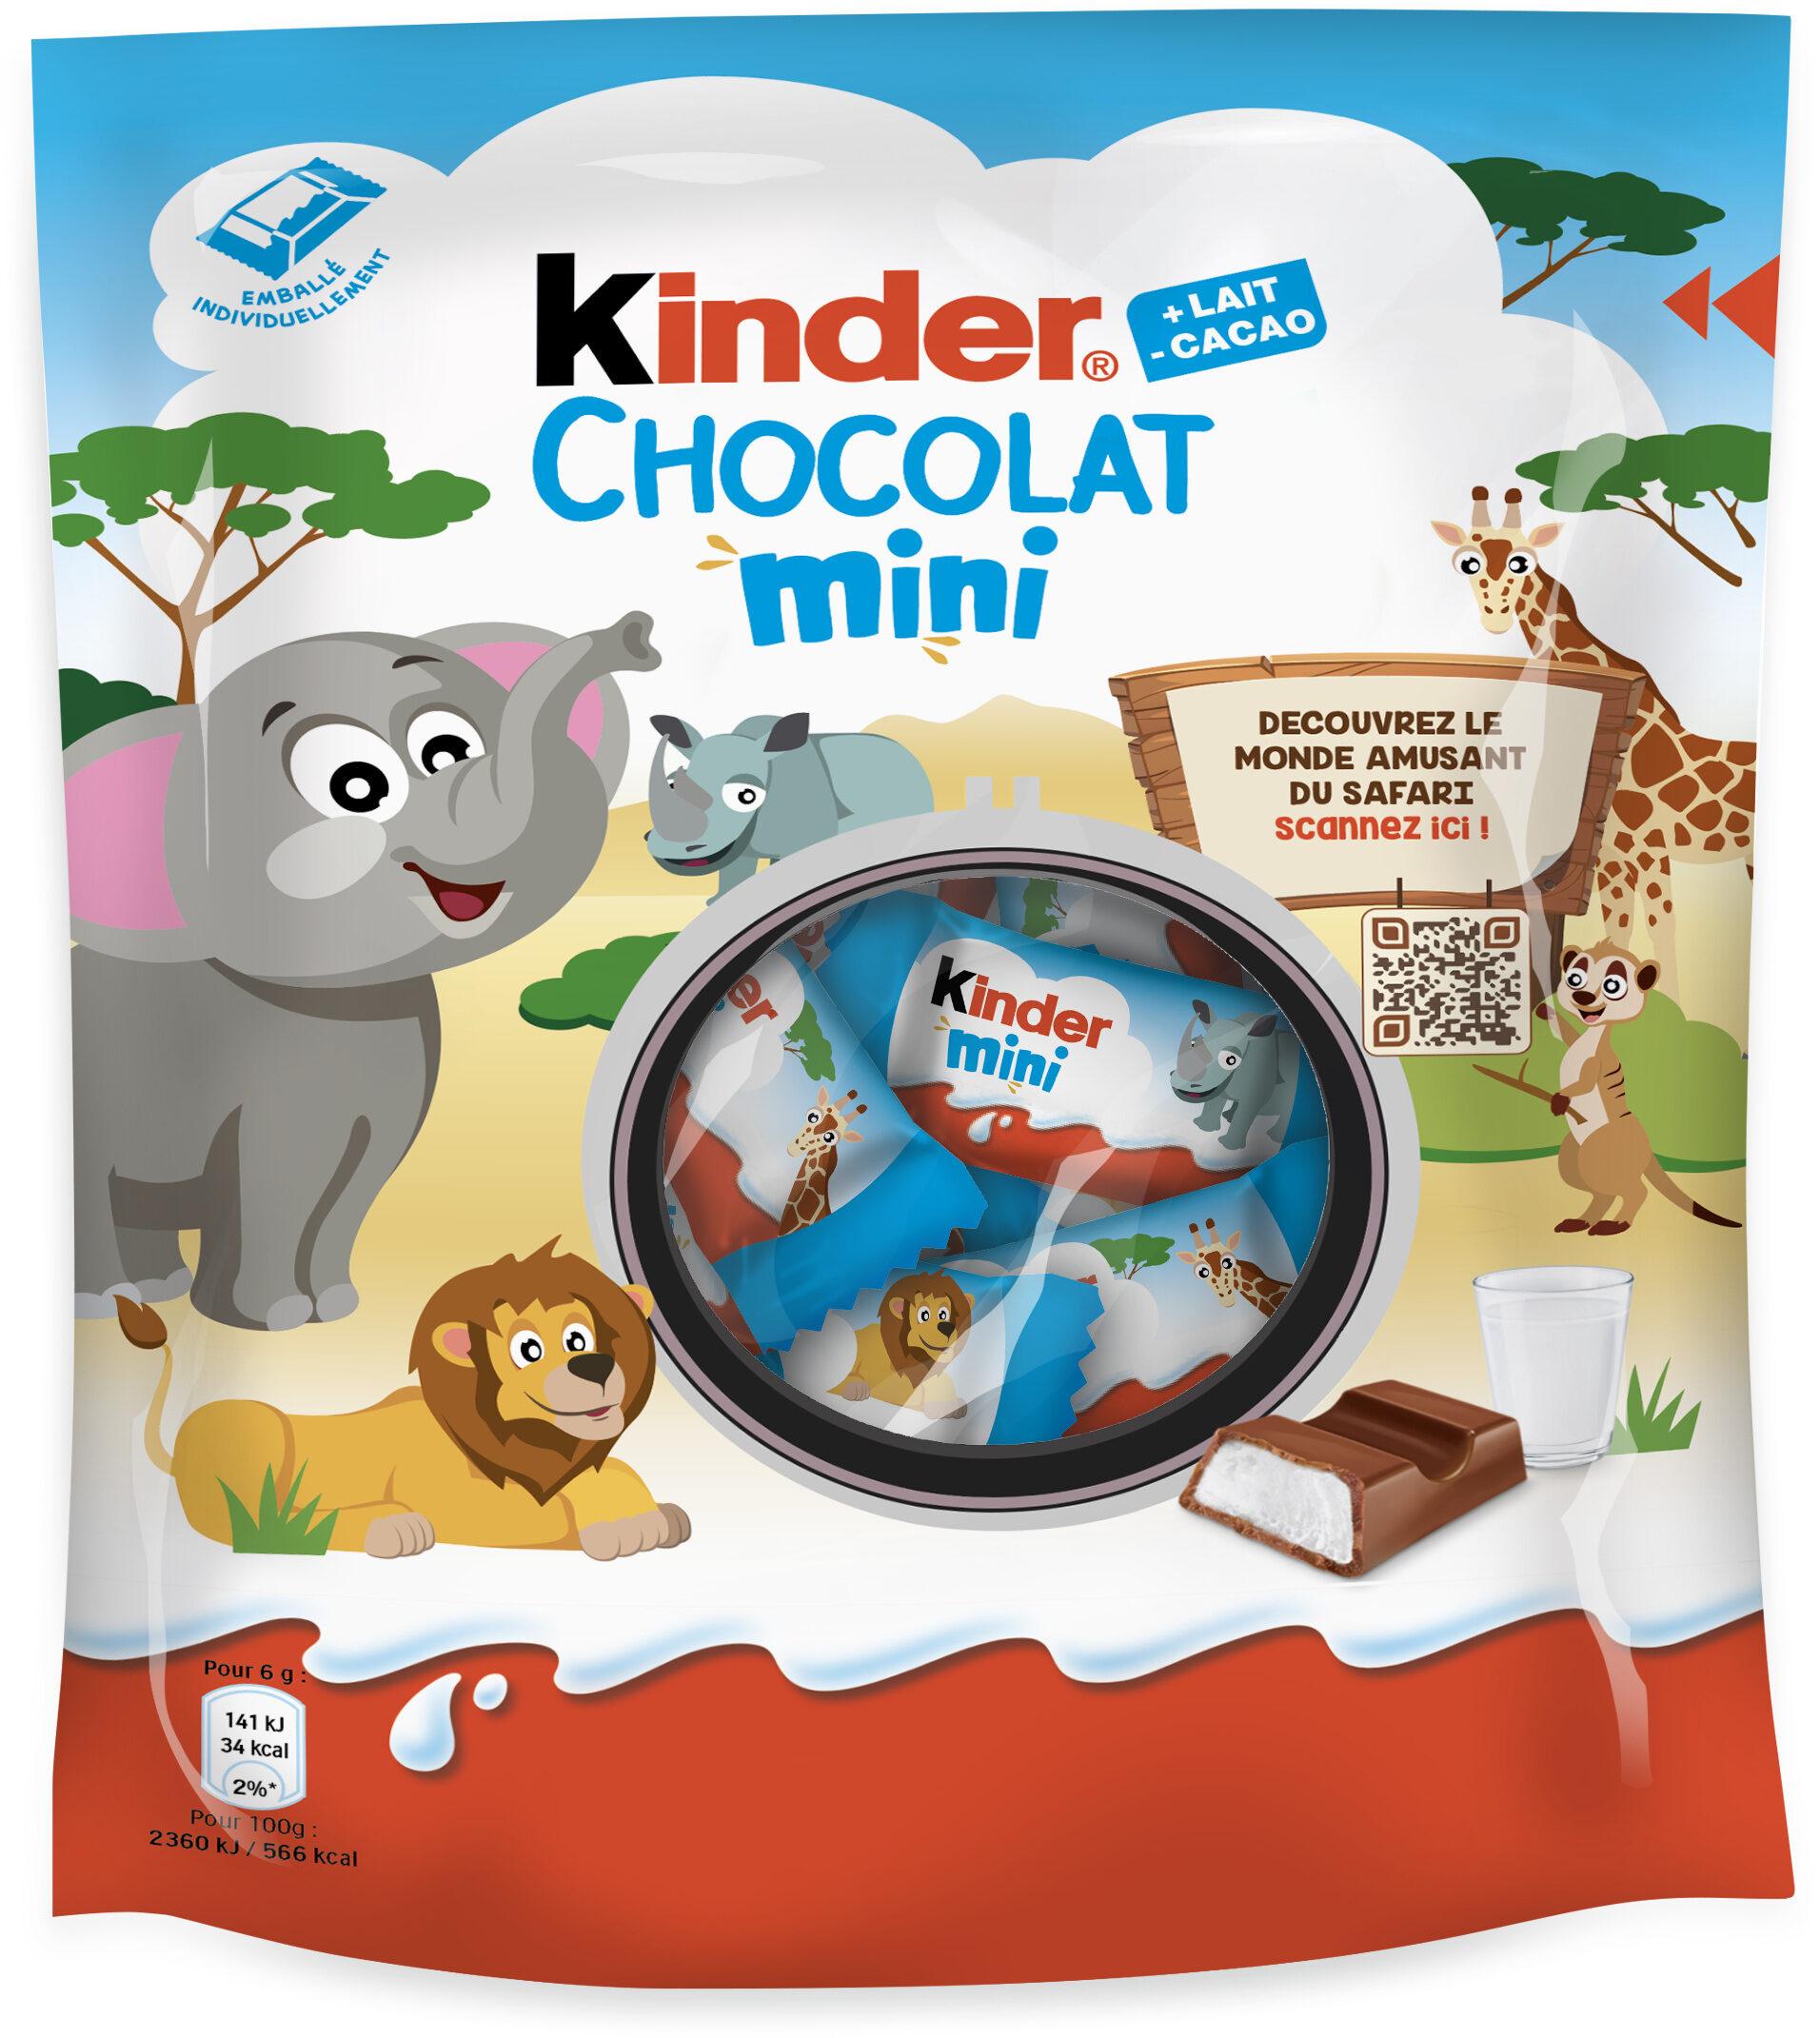 Kinder chocolat mini t20 sachet de 20 pieces - Producto - fr